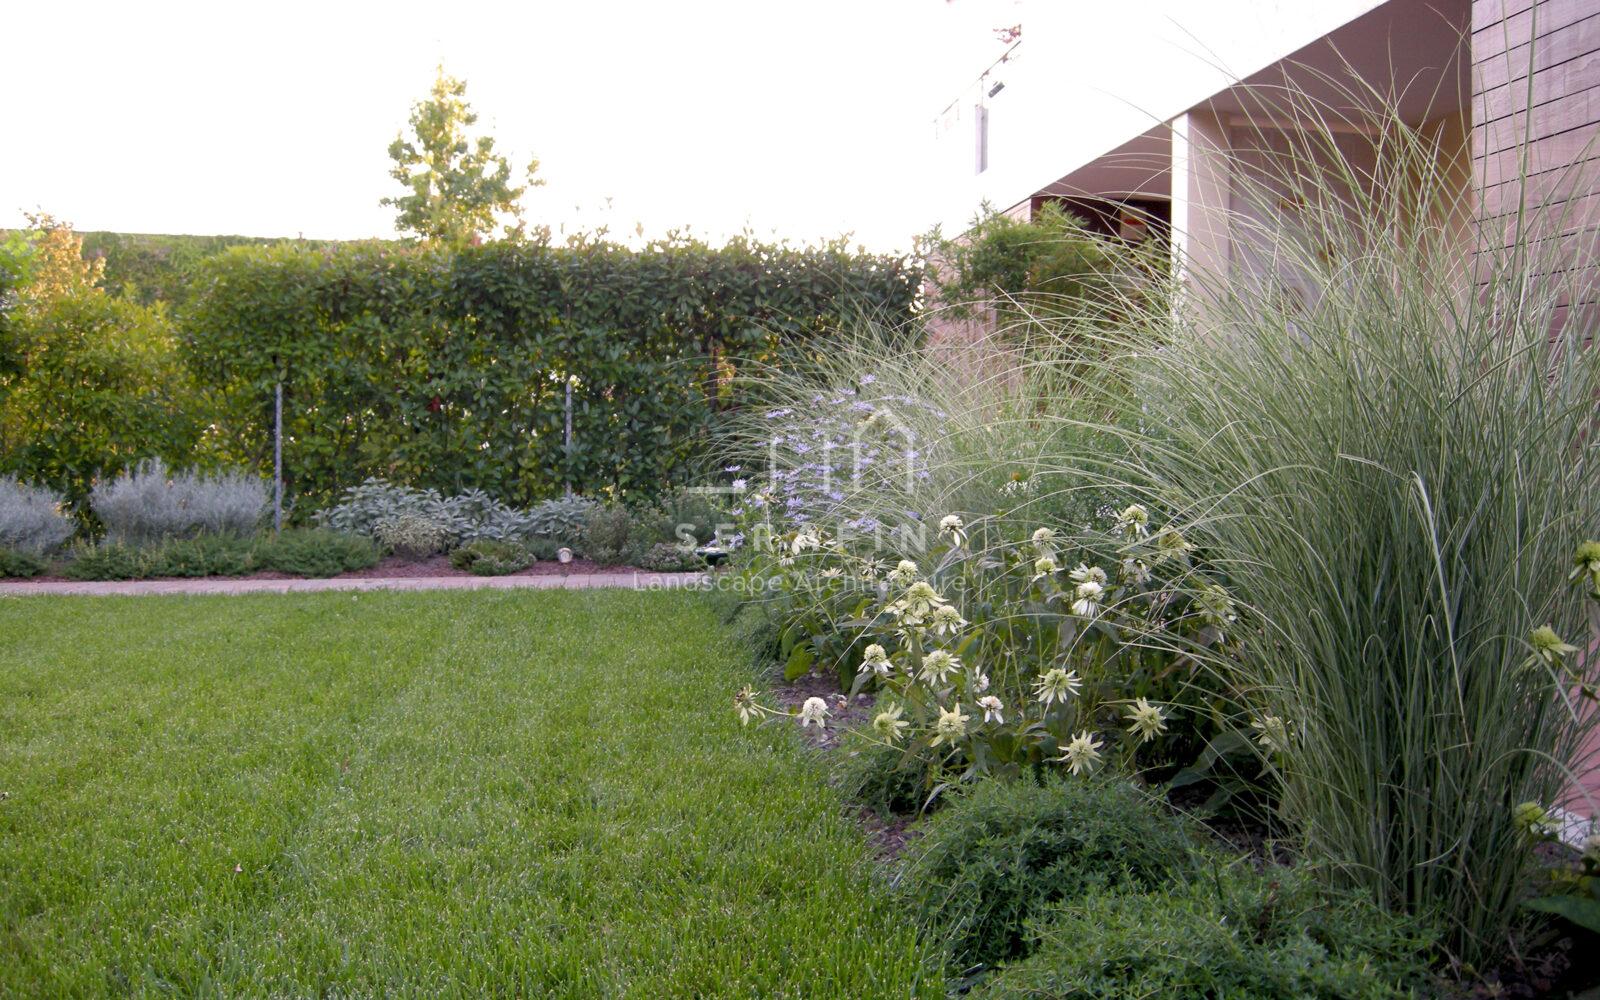 giardino privato con erbacee perenni a Treviso - 2